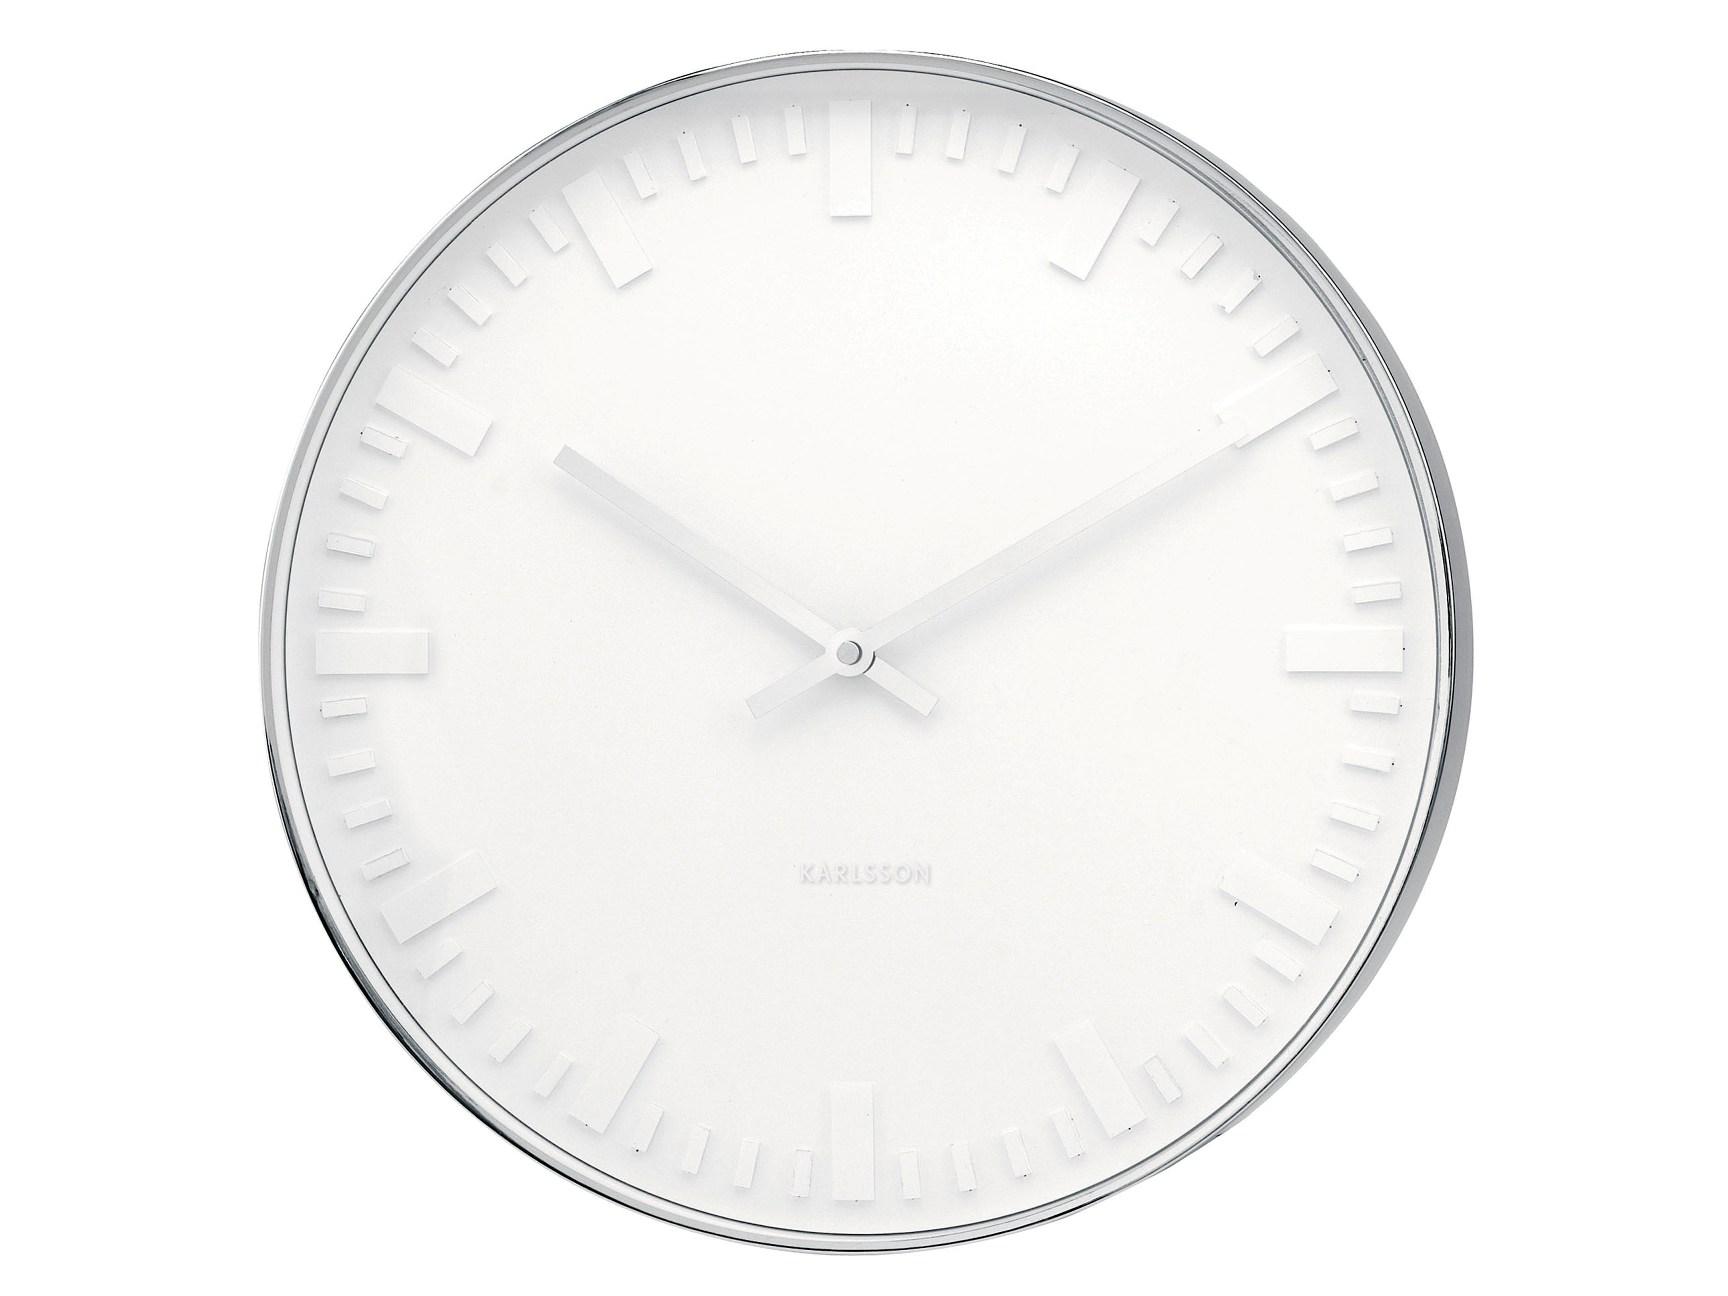 Nástěnné hodiny Mr. White numbers steel 38 cm - Karlsson